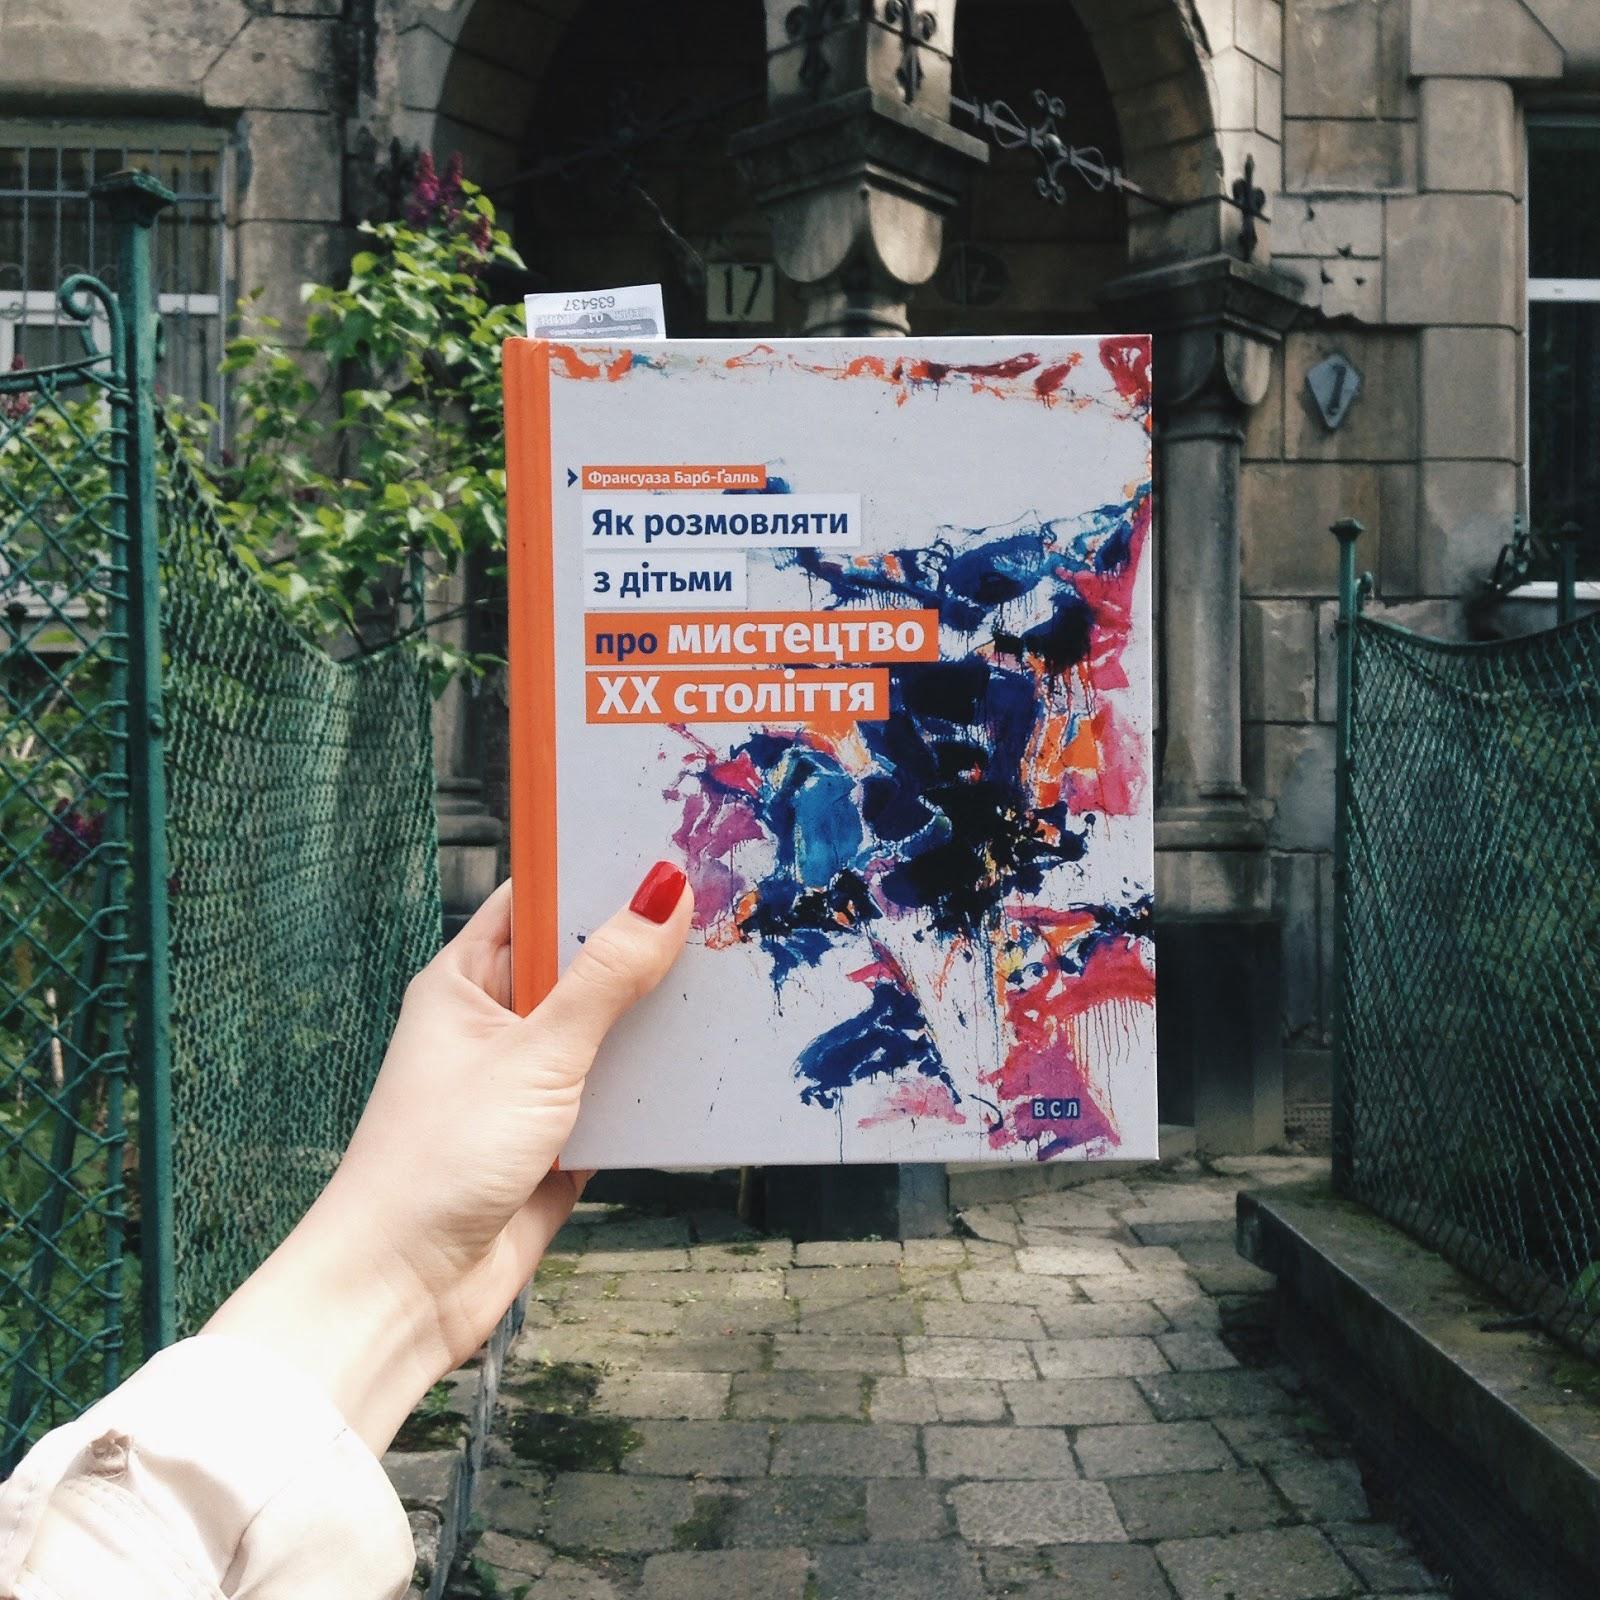 WoMo-книга: Як розмовляти з дітьми про мистецтво ХХ століття